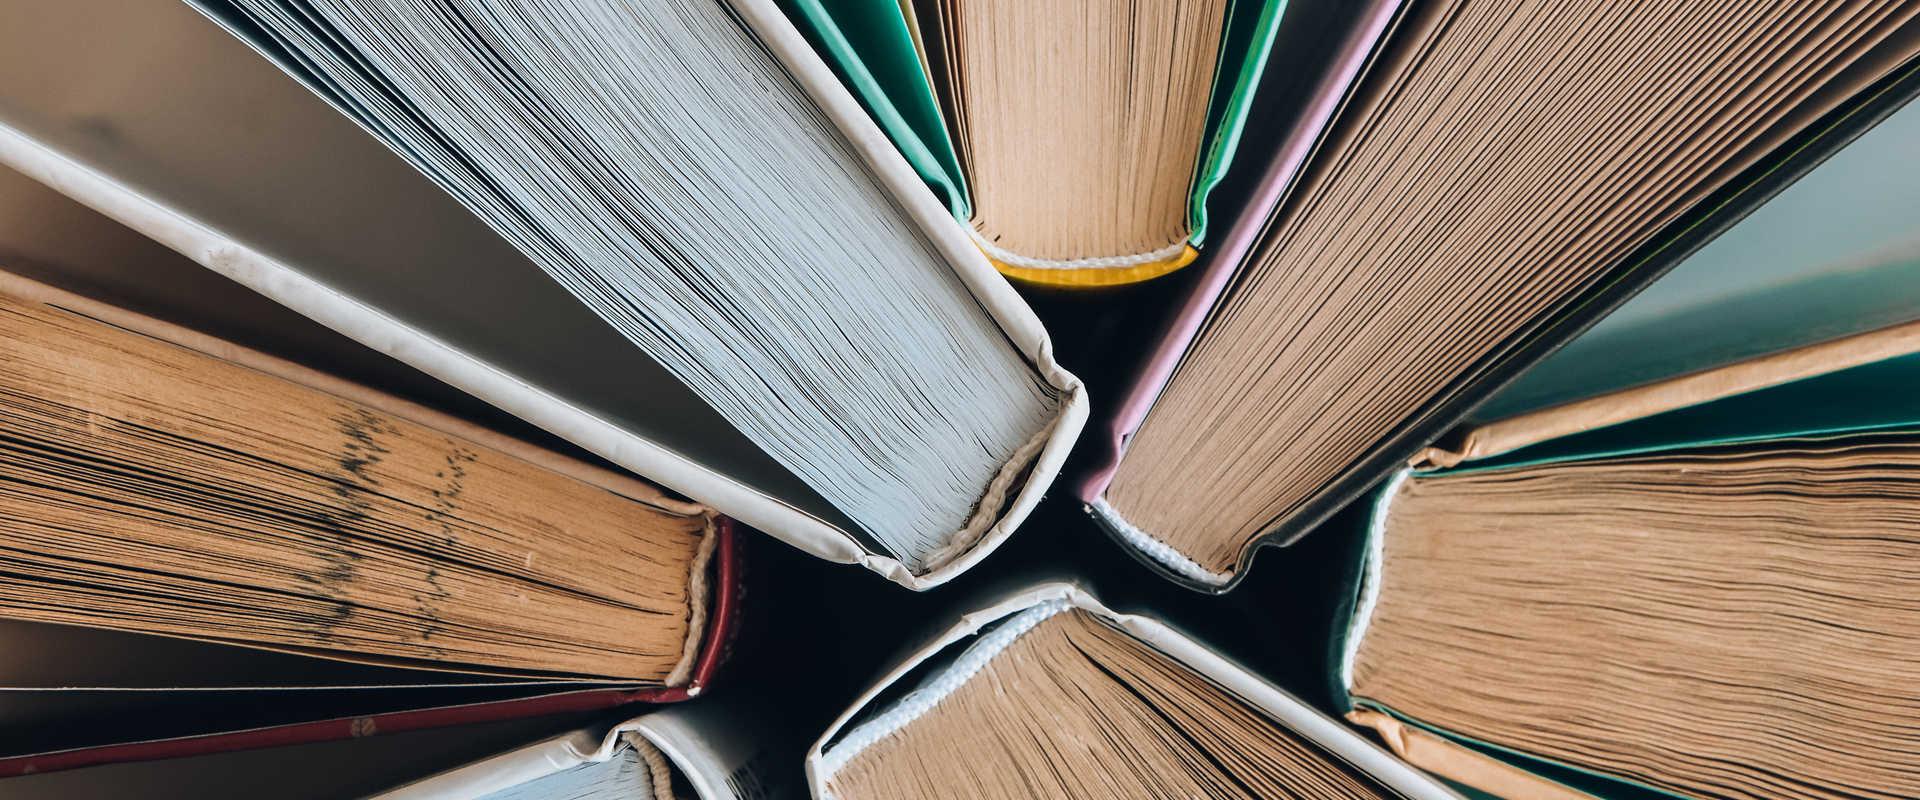 Ο Κόσμος του Βιβλίου